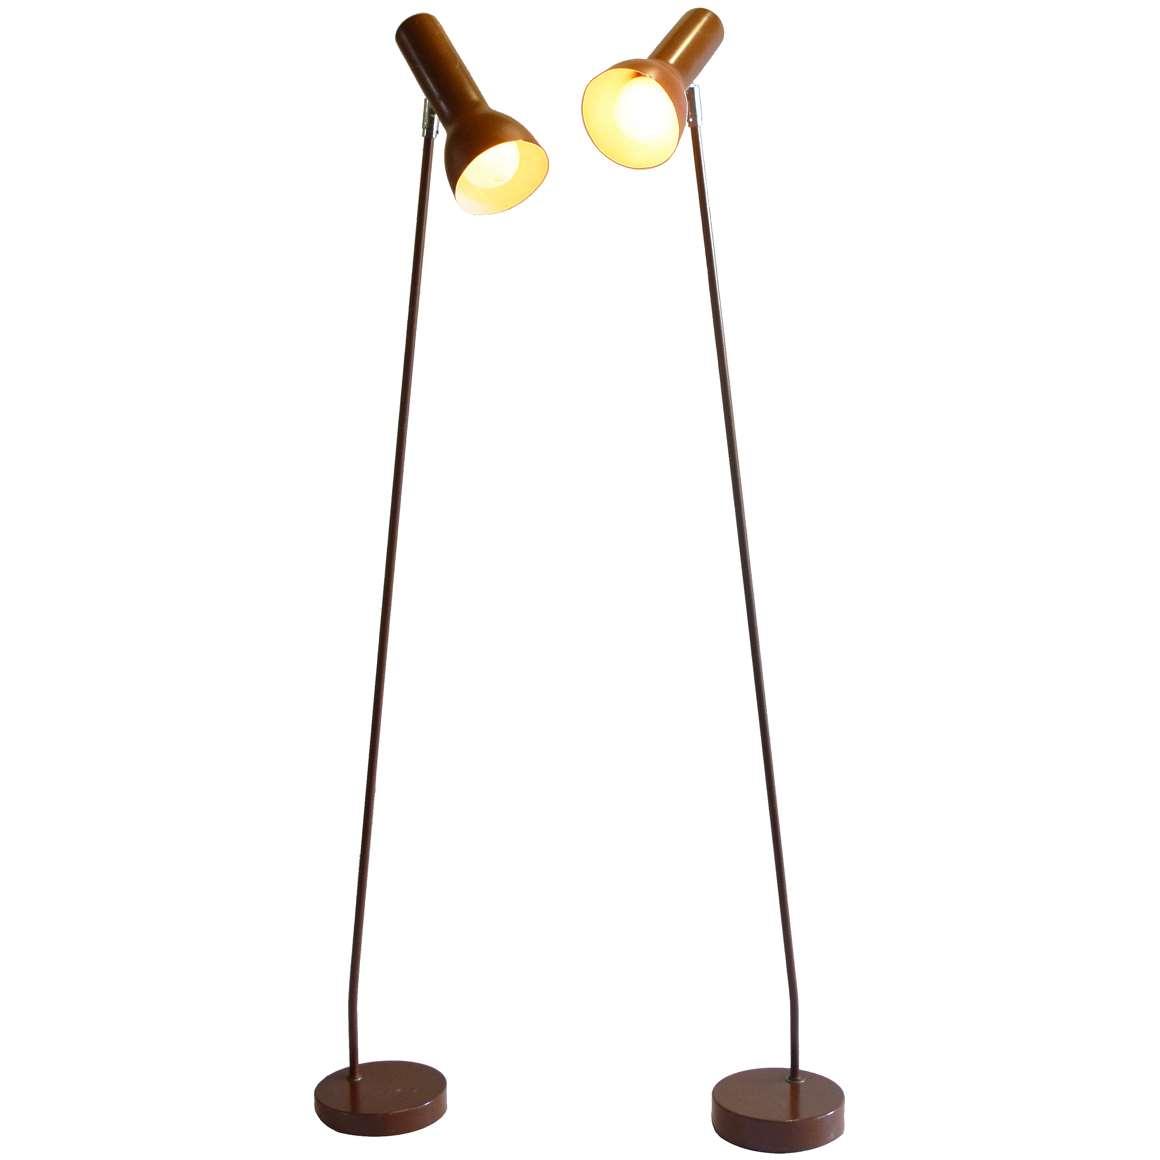 OMI 1970s Reading Floor Lamps